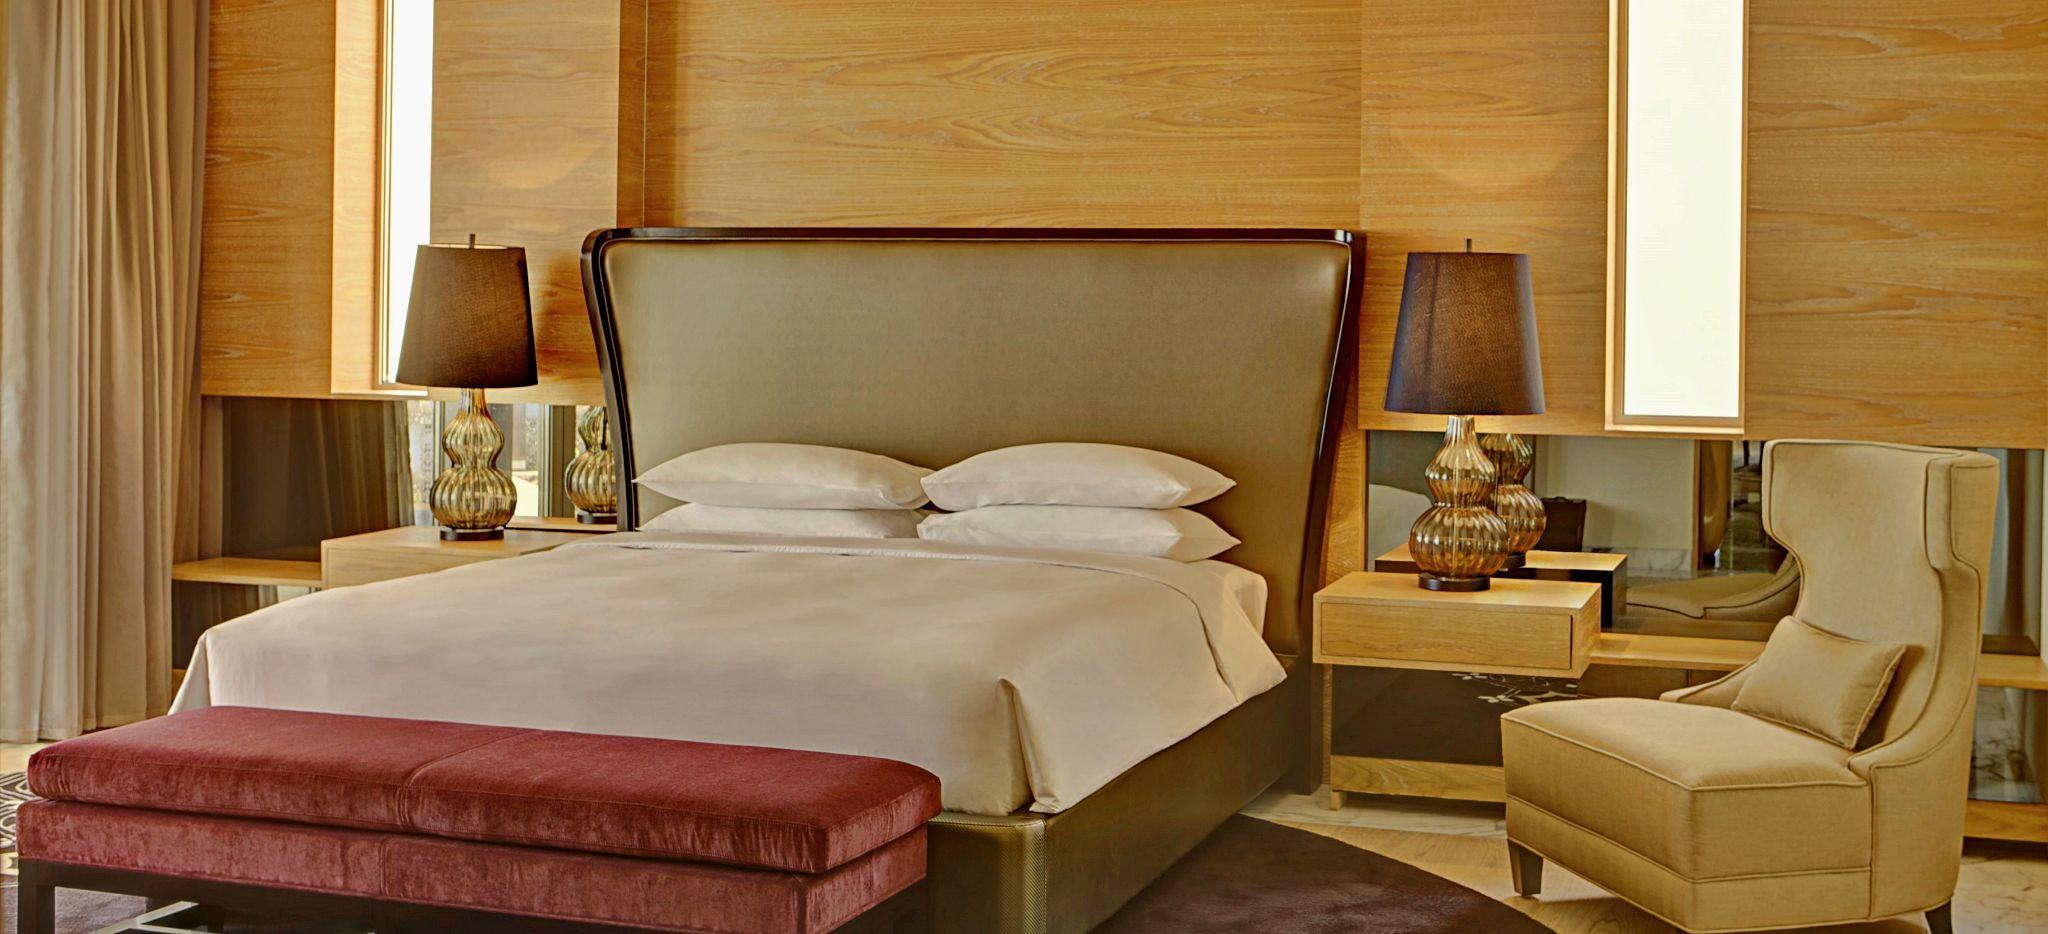 Schlafzimmer der Royal Villa des Park Hyatt Abu Dhabi